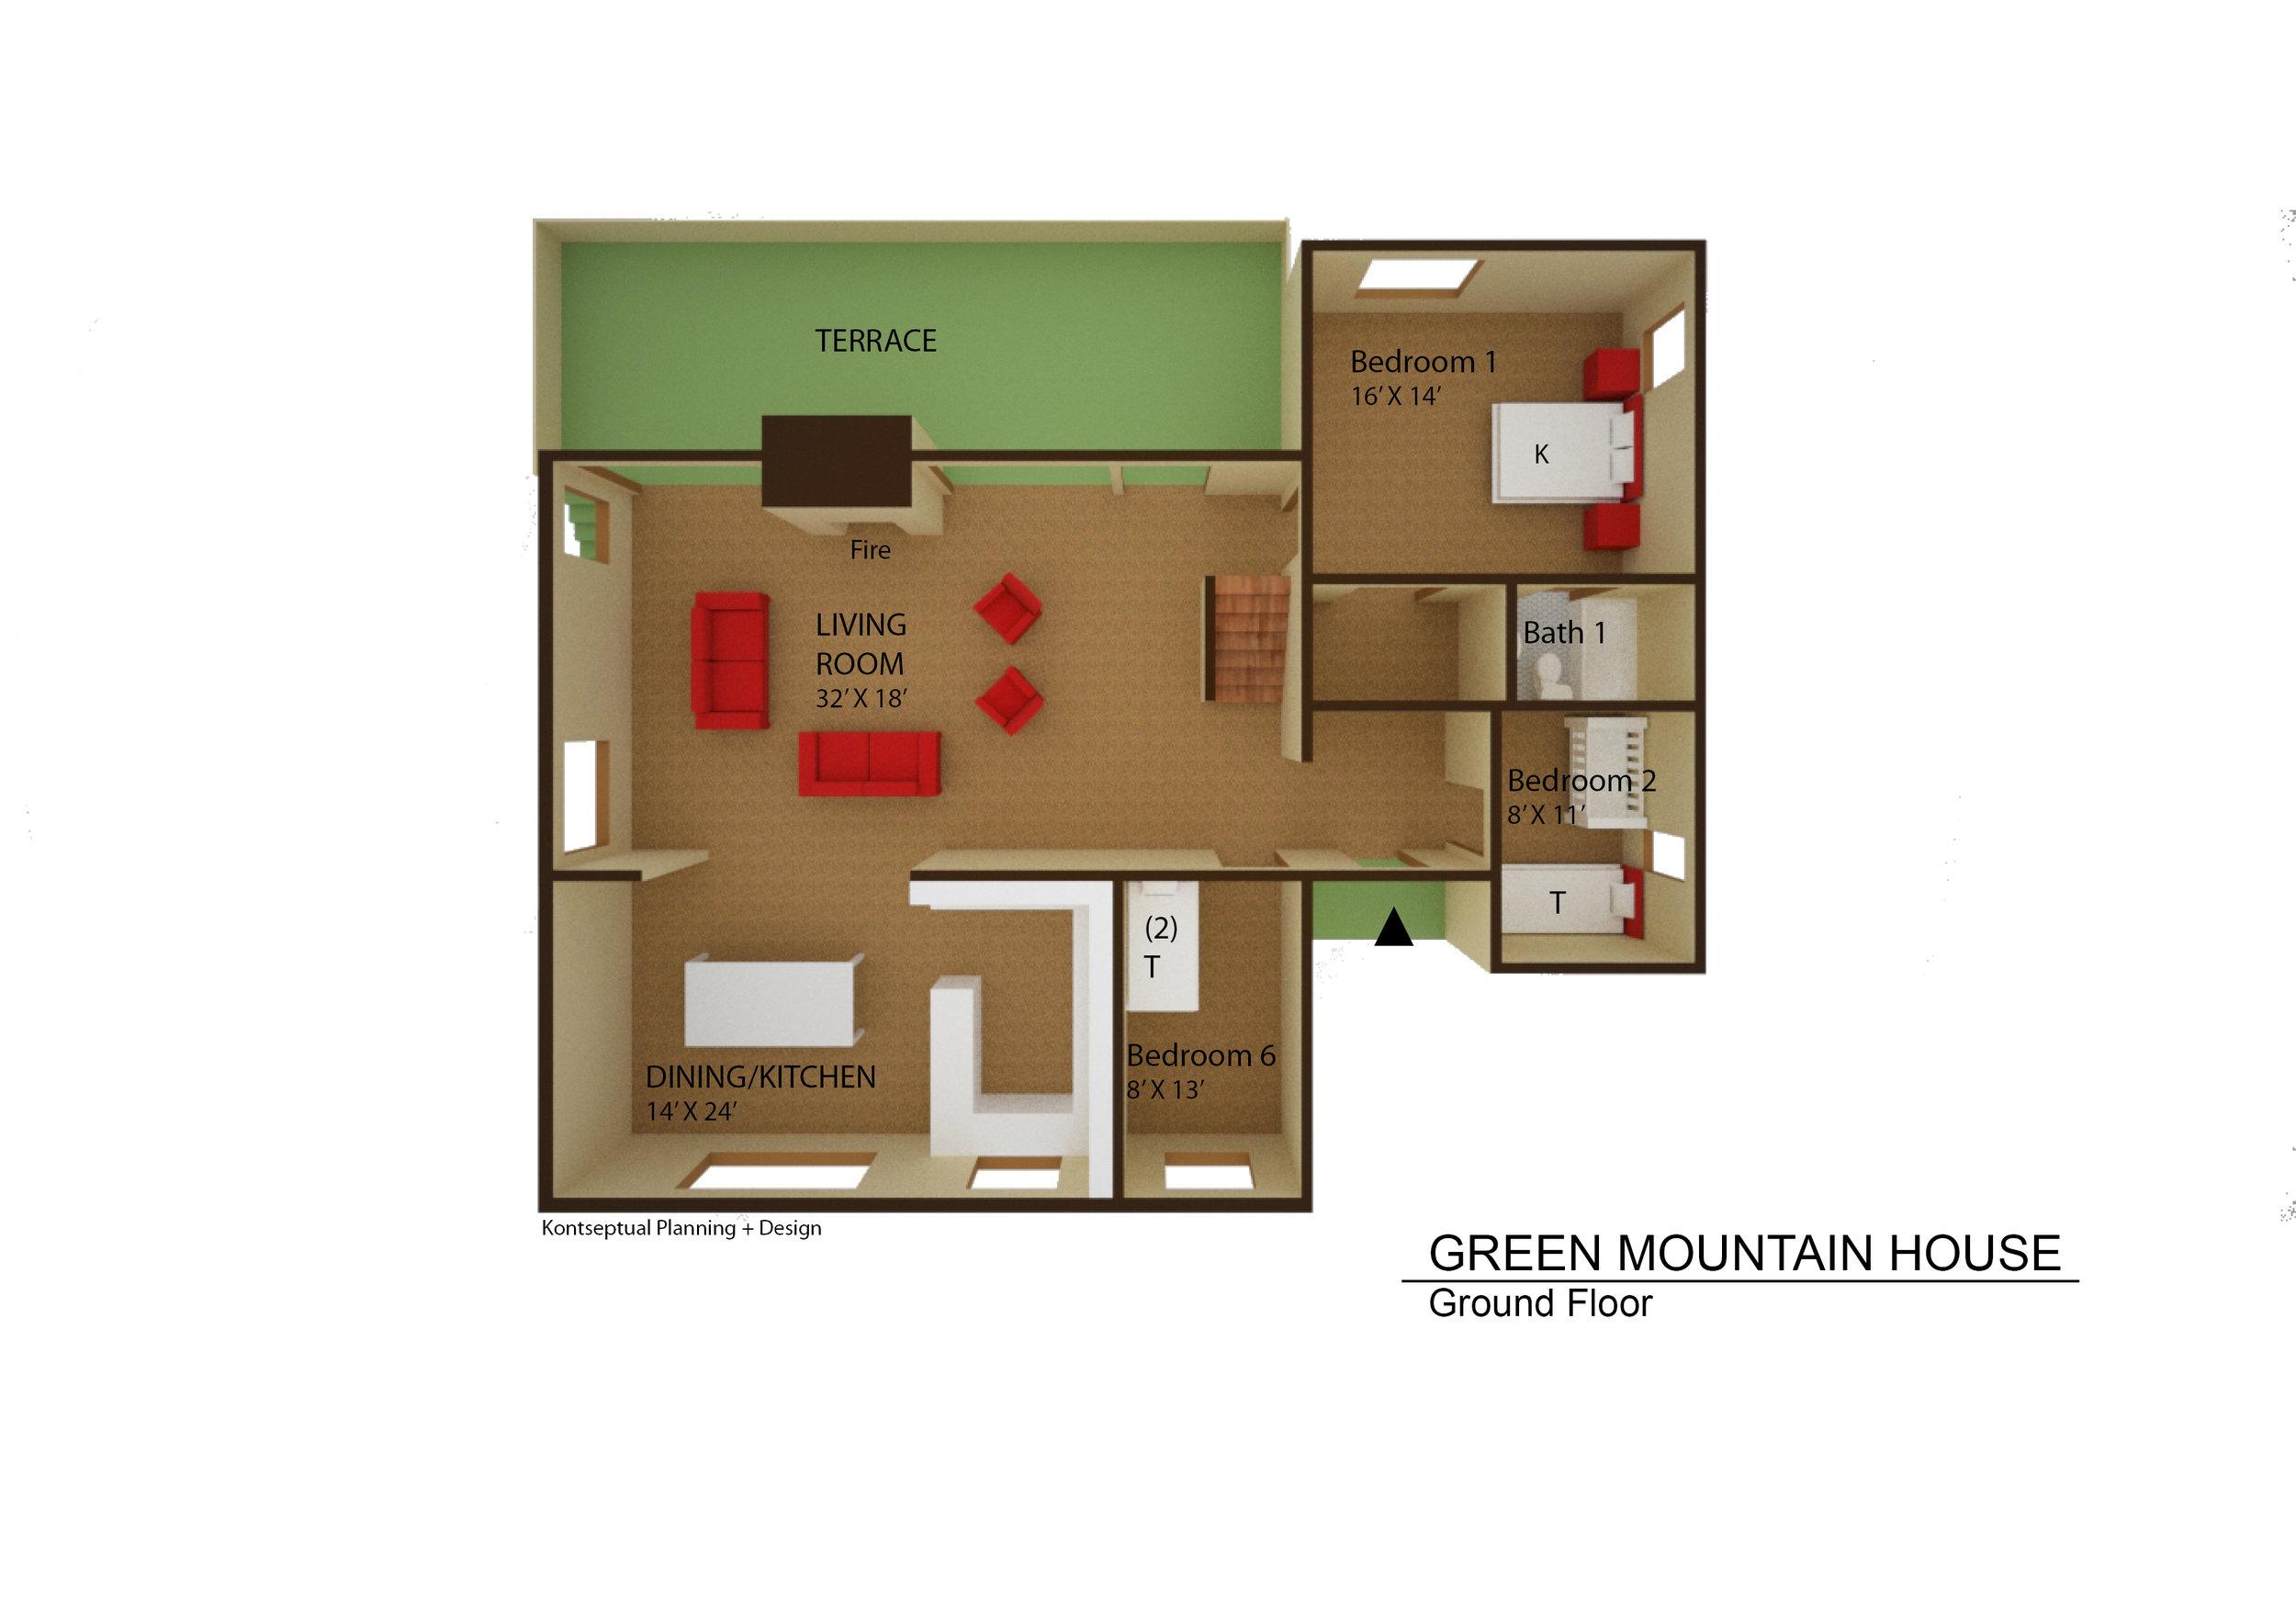 Green Mt House Floor plan Ground Fl.